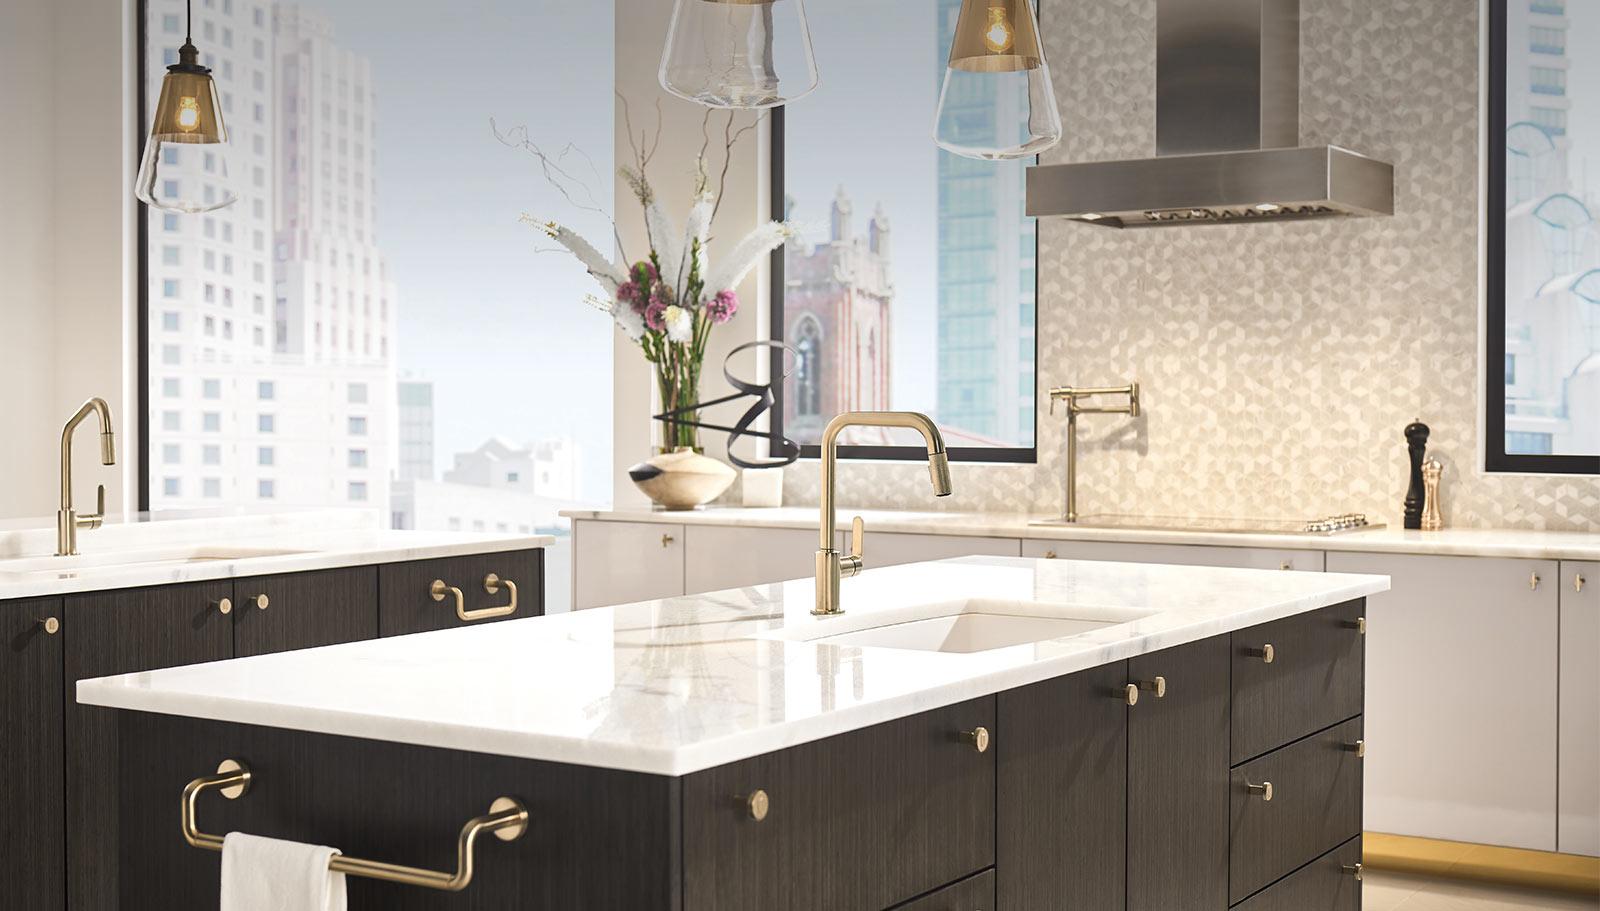 Kitchen Diora